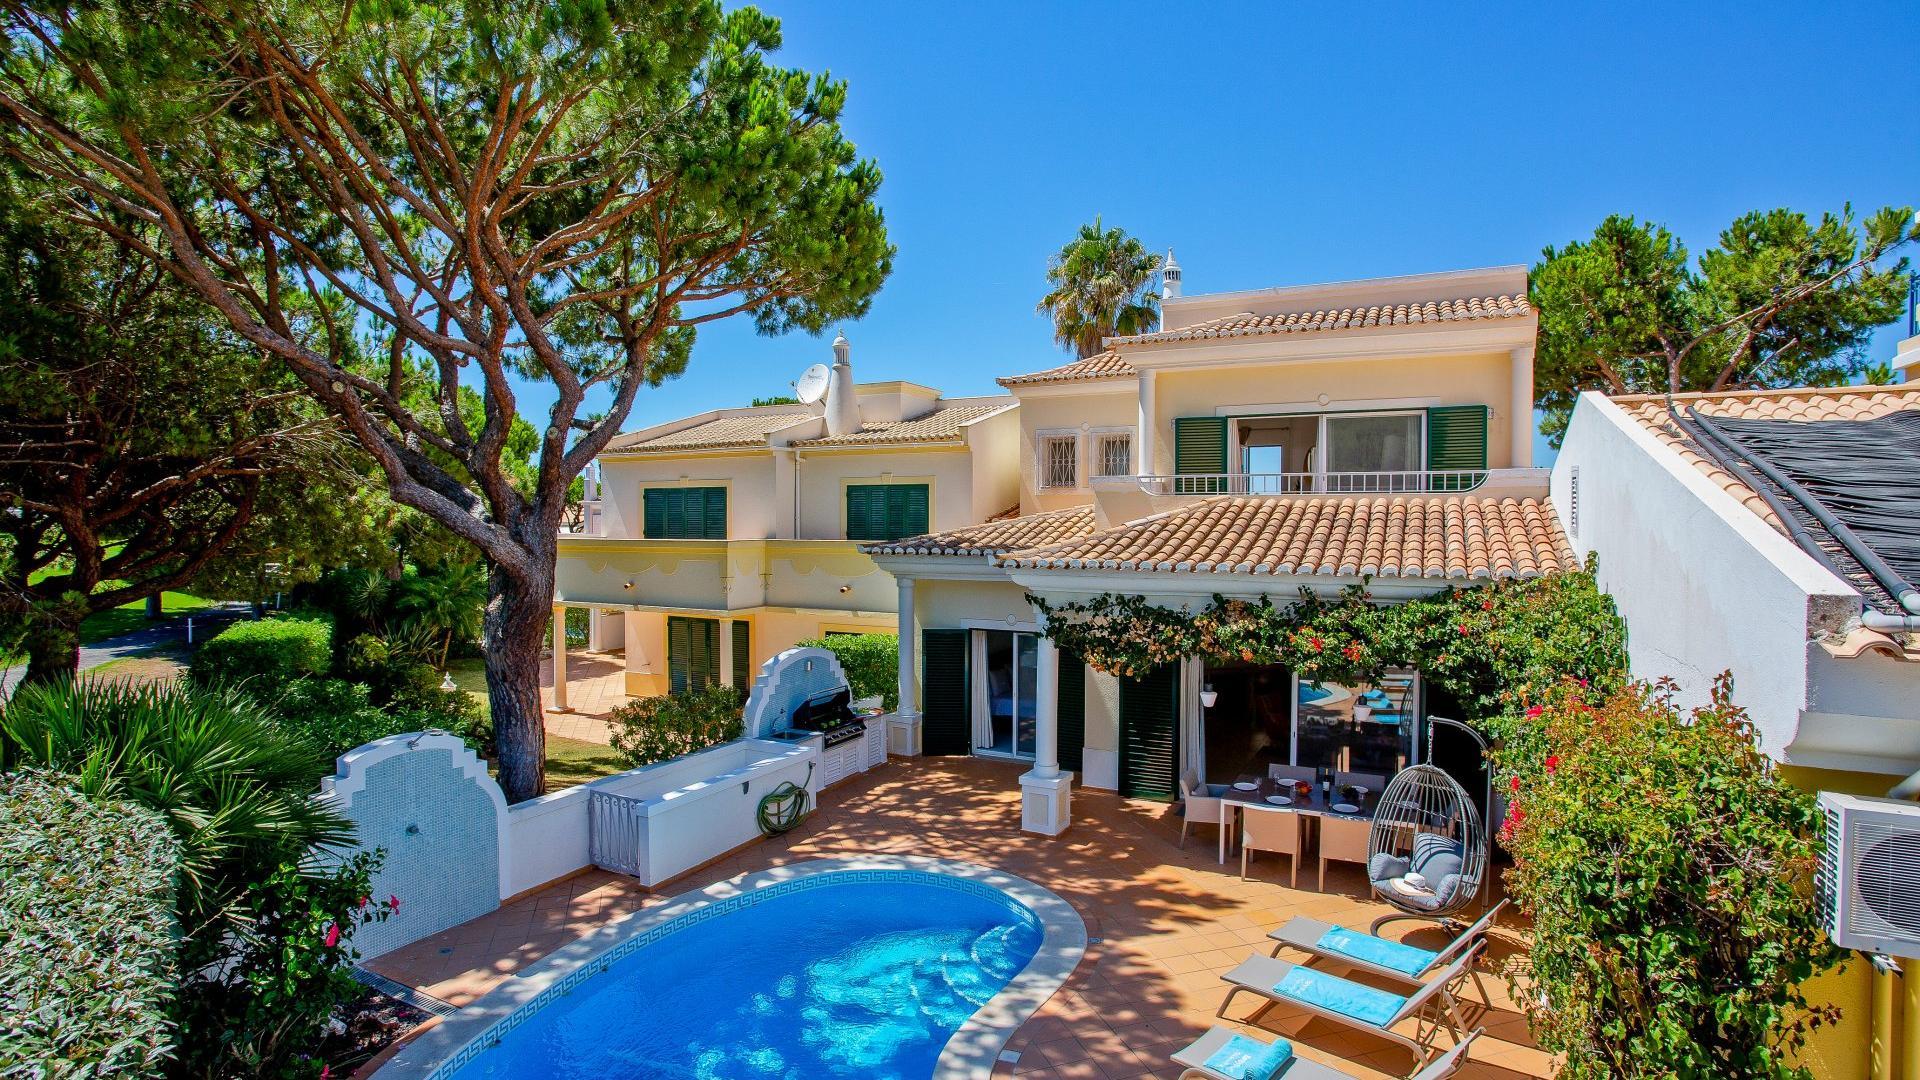 Casa Thera - Vale do Lobo, Algarve - _P1_3855_1.jpg